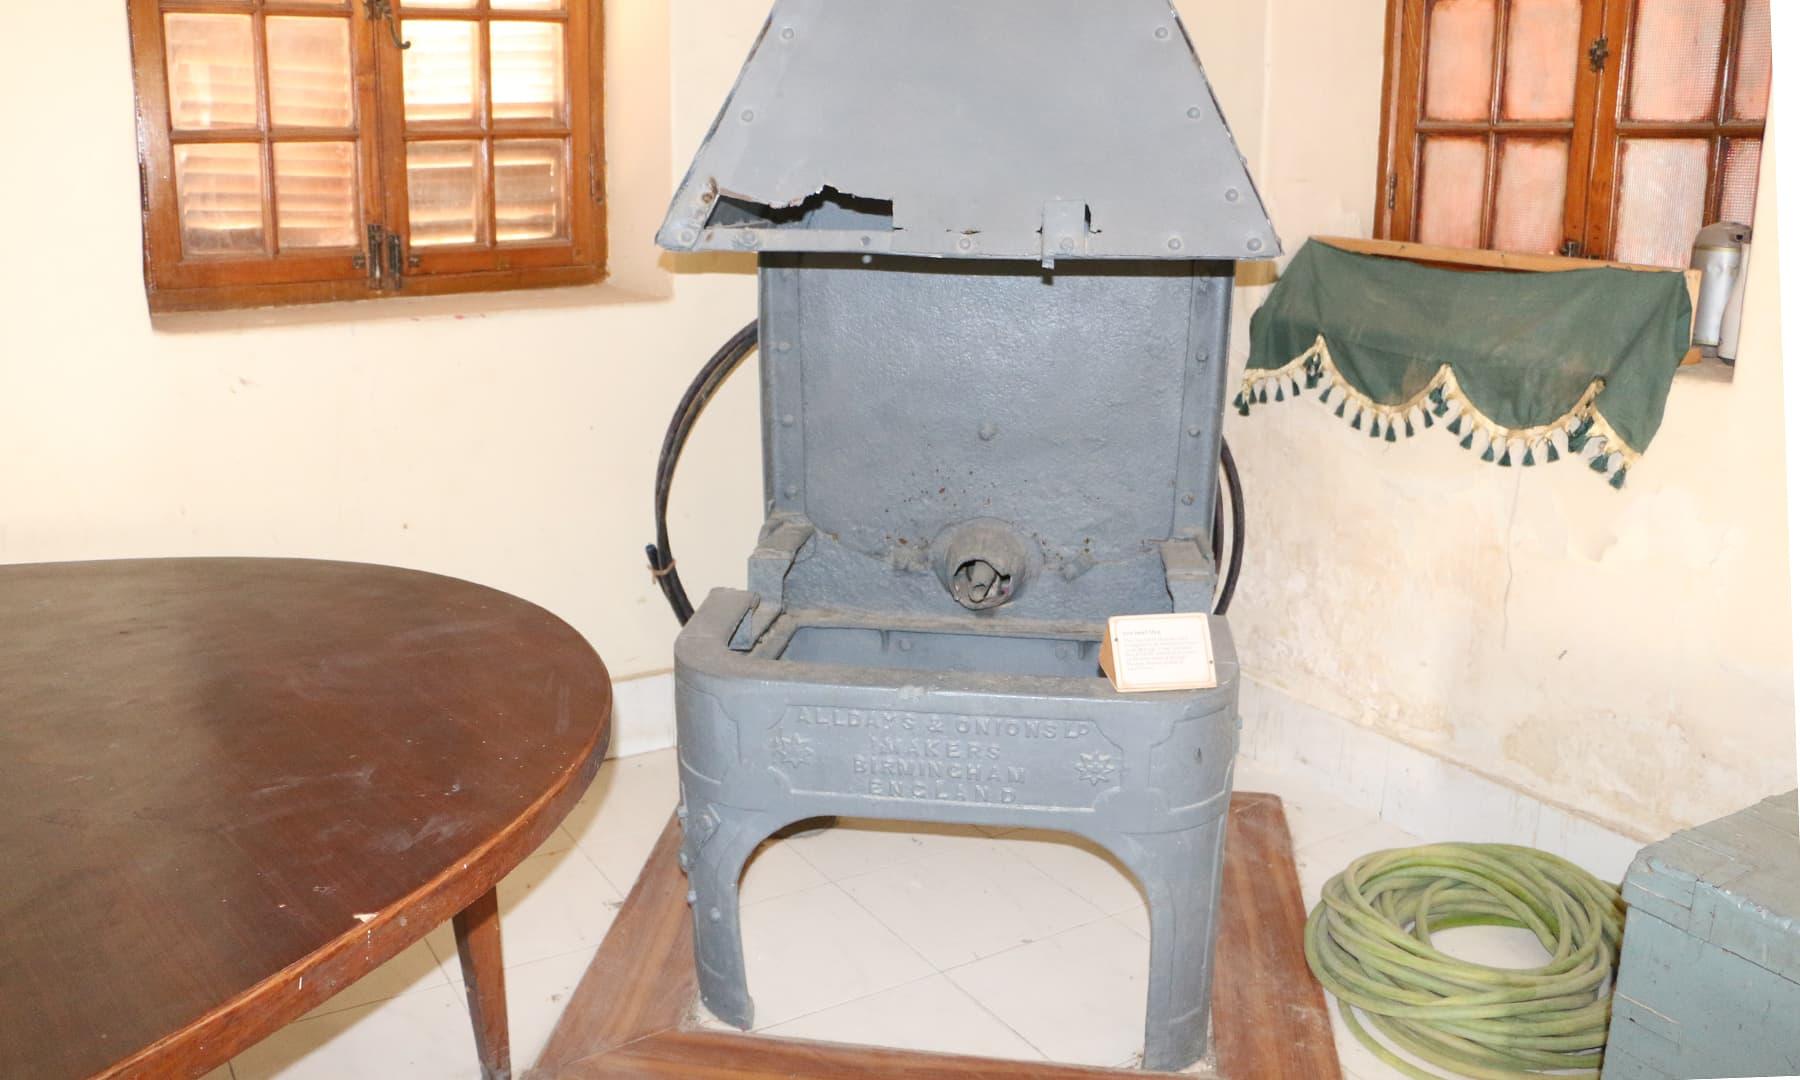 لوہا پگھلانے کے لیے استعمال کی جانے والی مشین—تصویر ابراہیم کنبھر